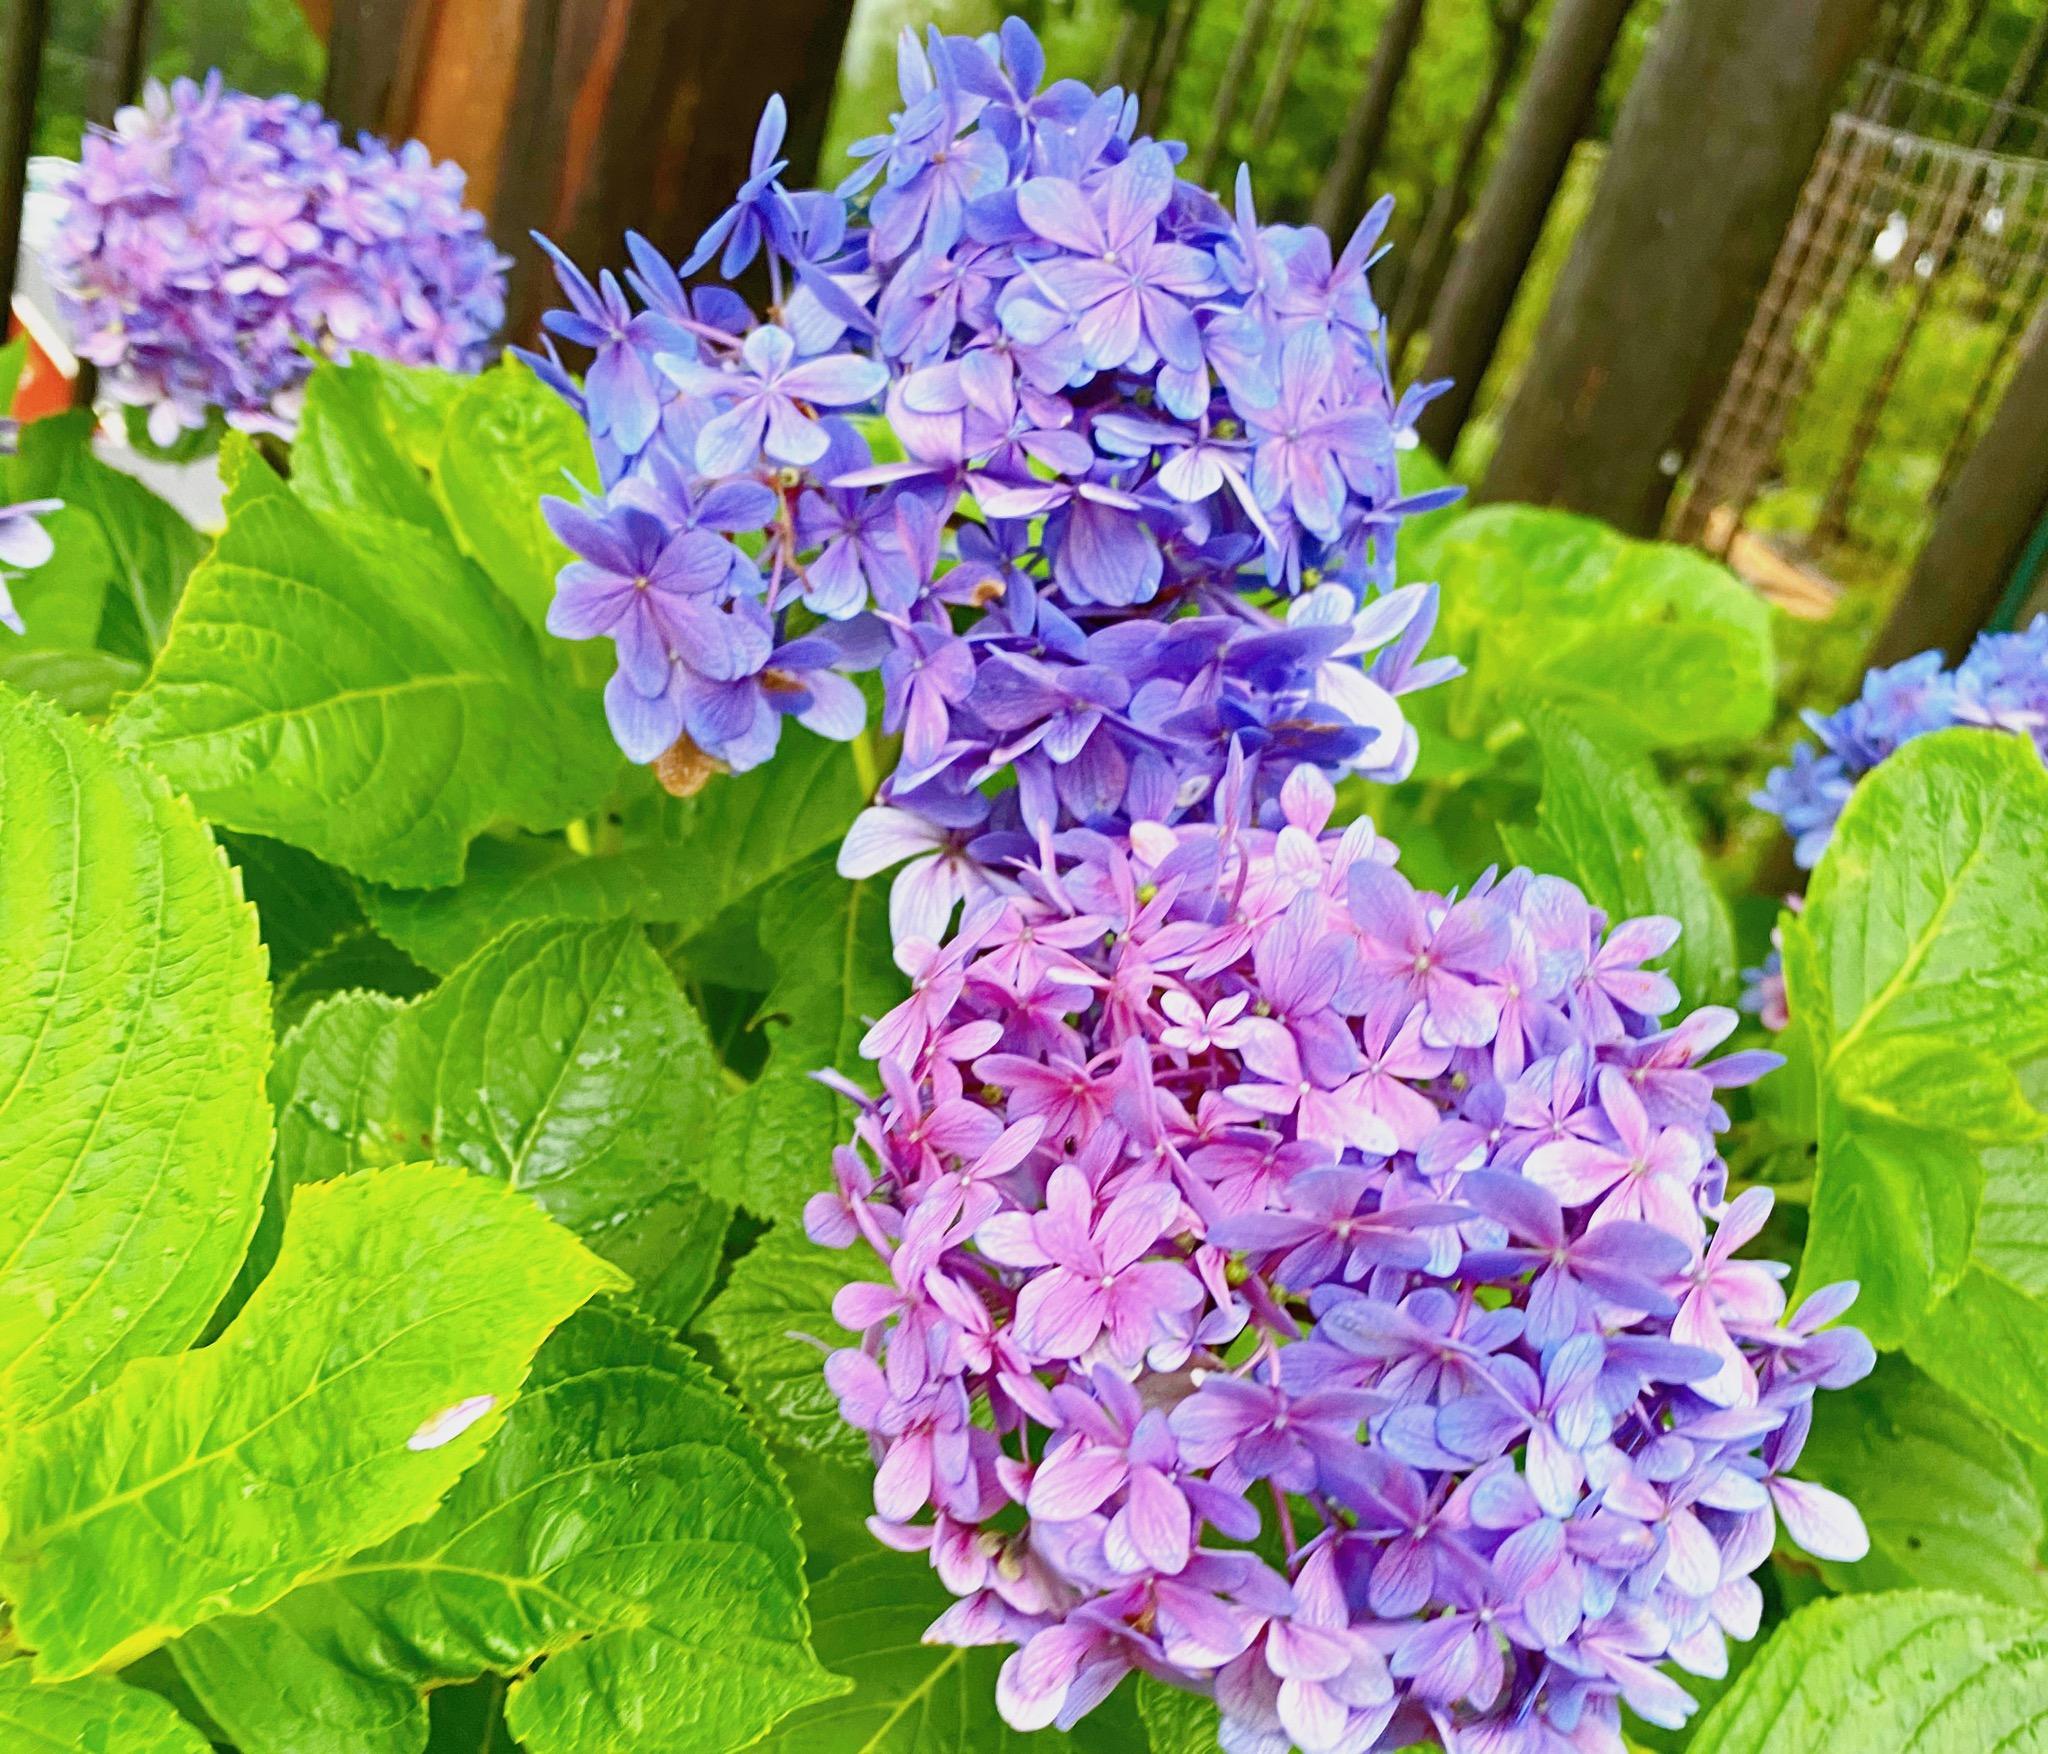 【三島スカイウォーク】絶景!だけじゃない!紫陽花めぐりで〆はスイーツ♡_3